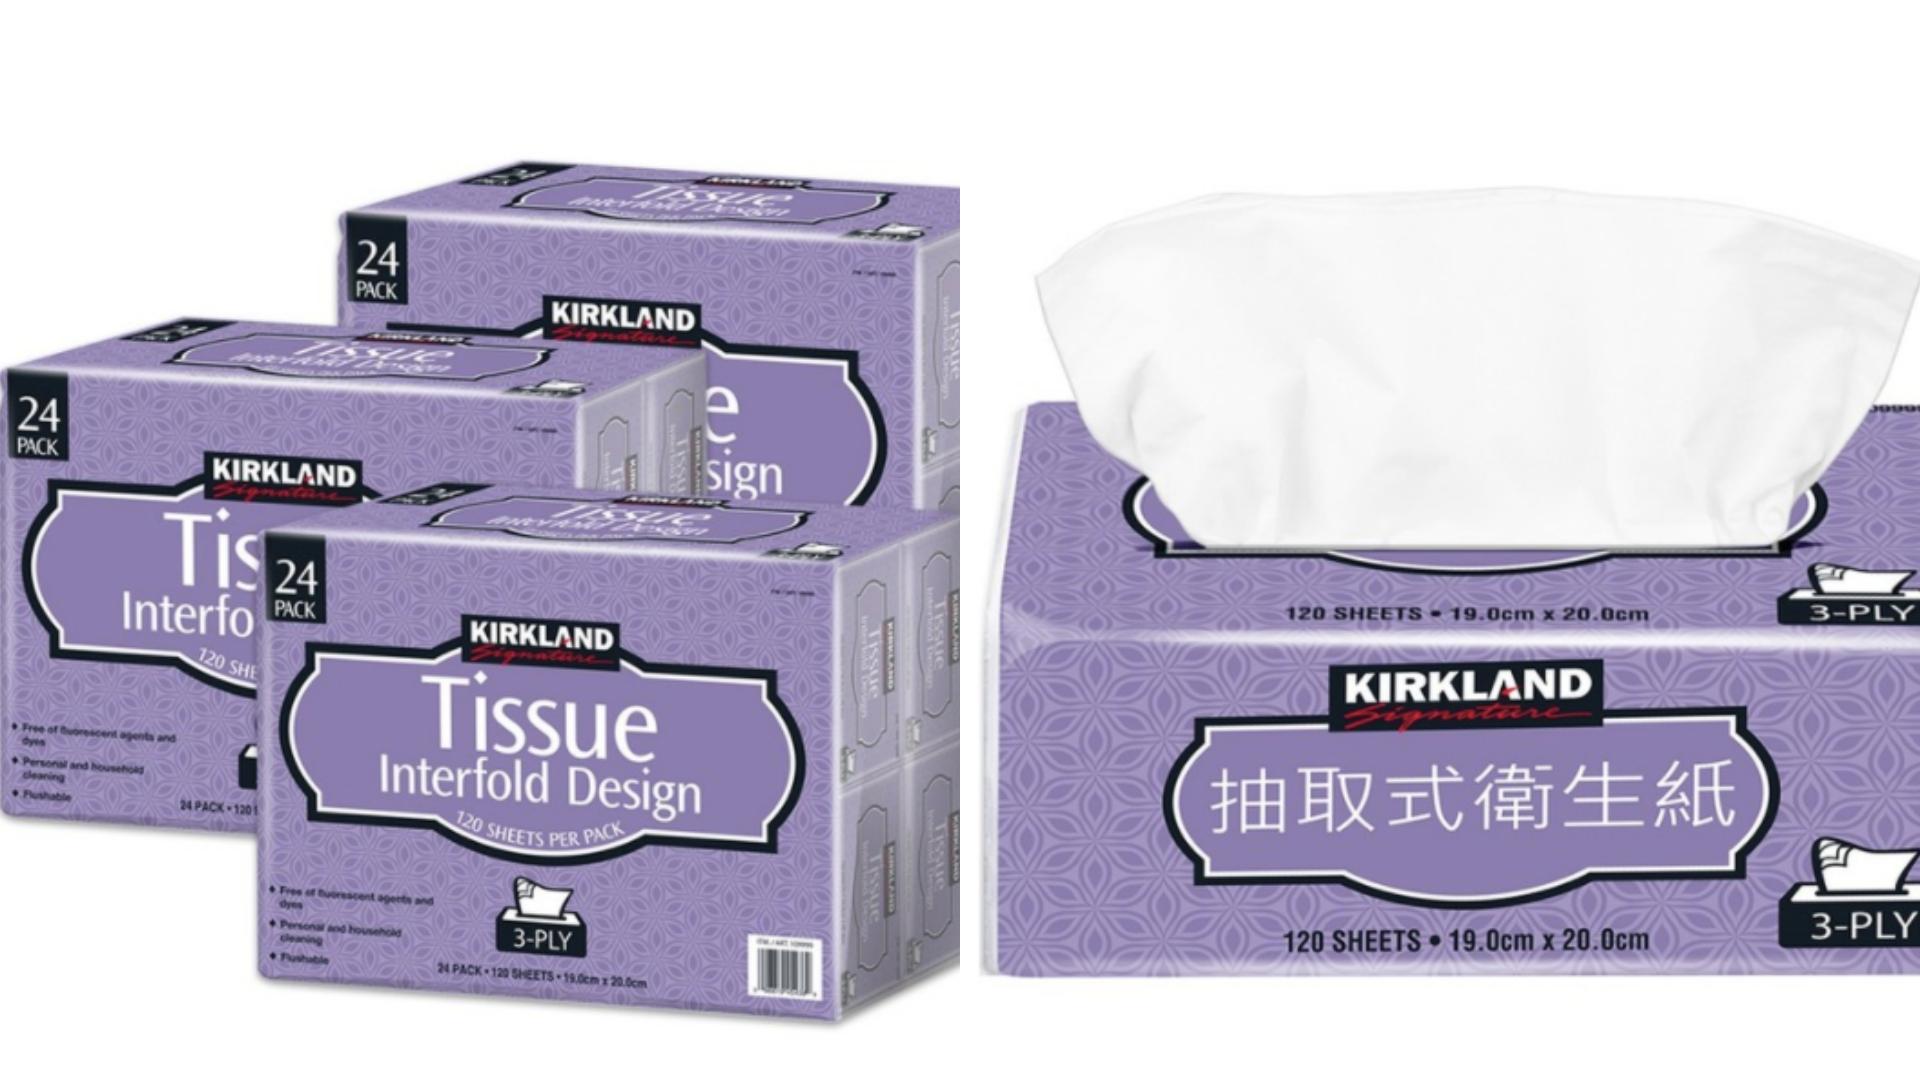 因為比一般的衛生紙多了一層,所以使用起來會更加厚實舒服,搭配柔軟的質地,許多網友大讚:用過真的回不去!